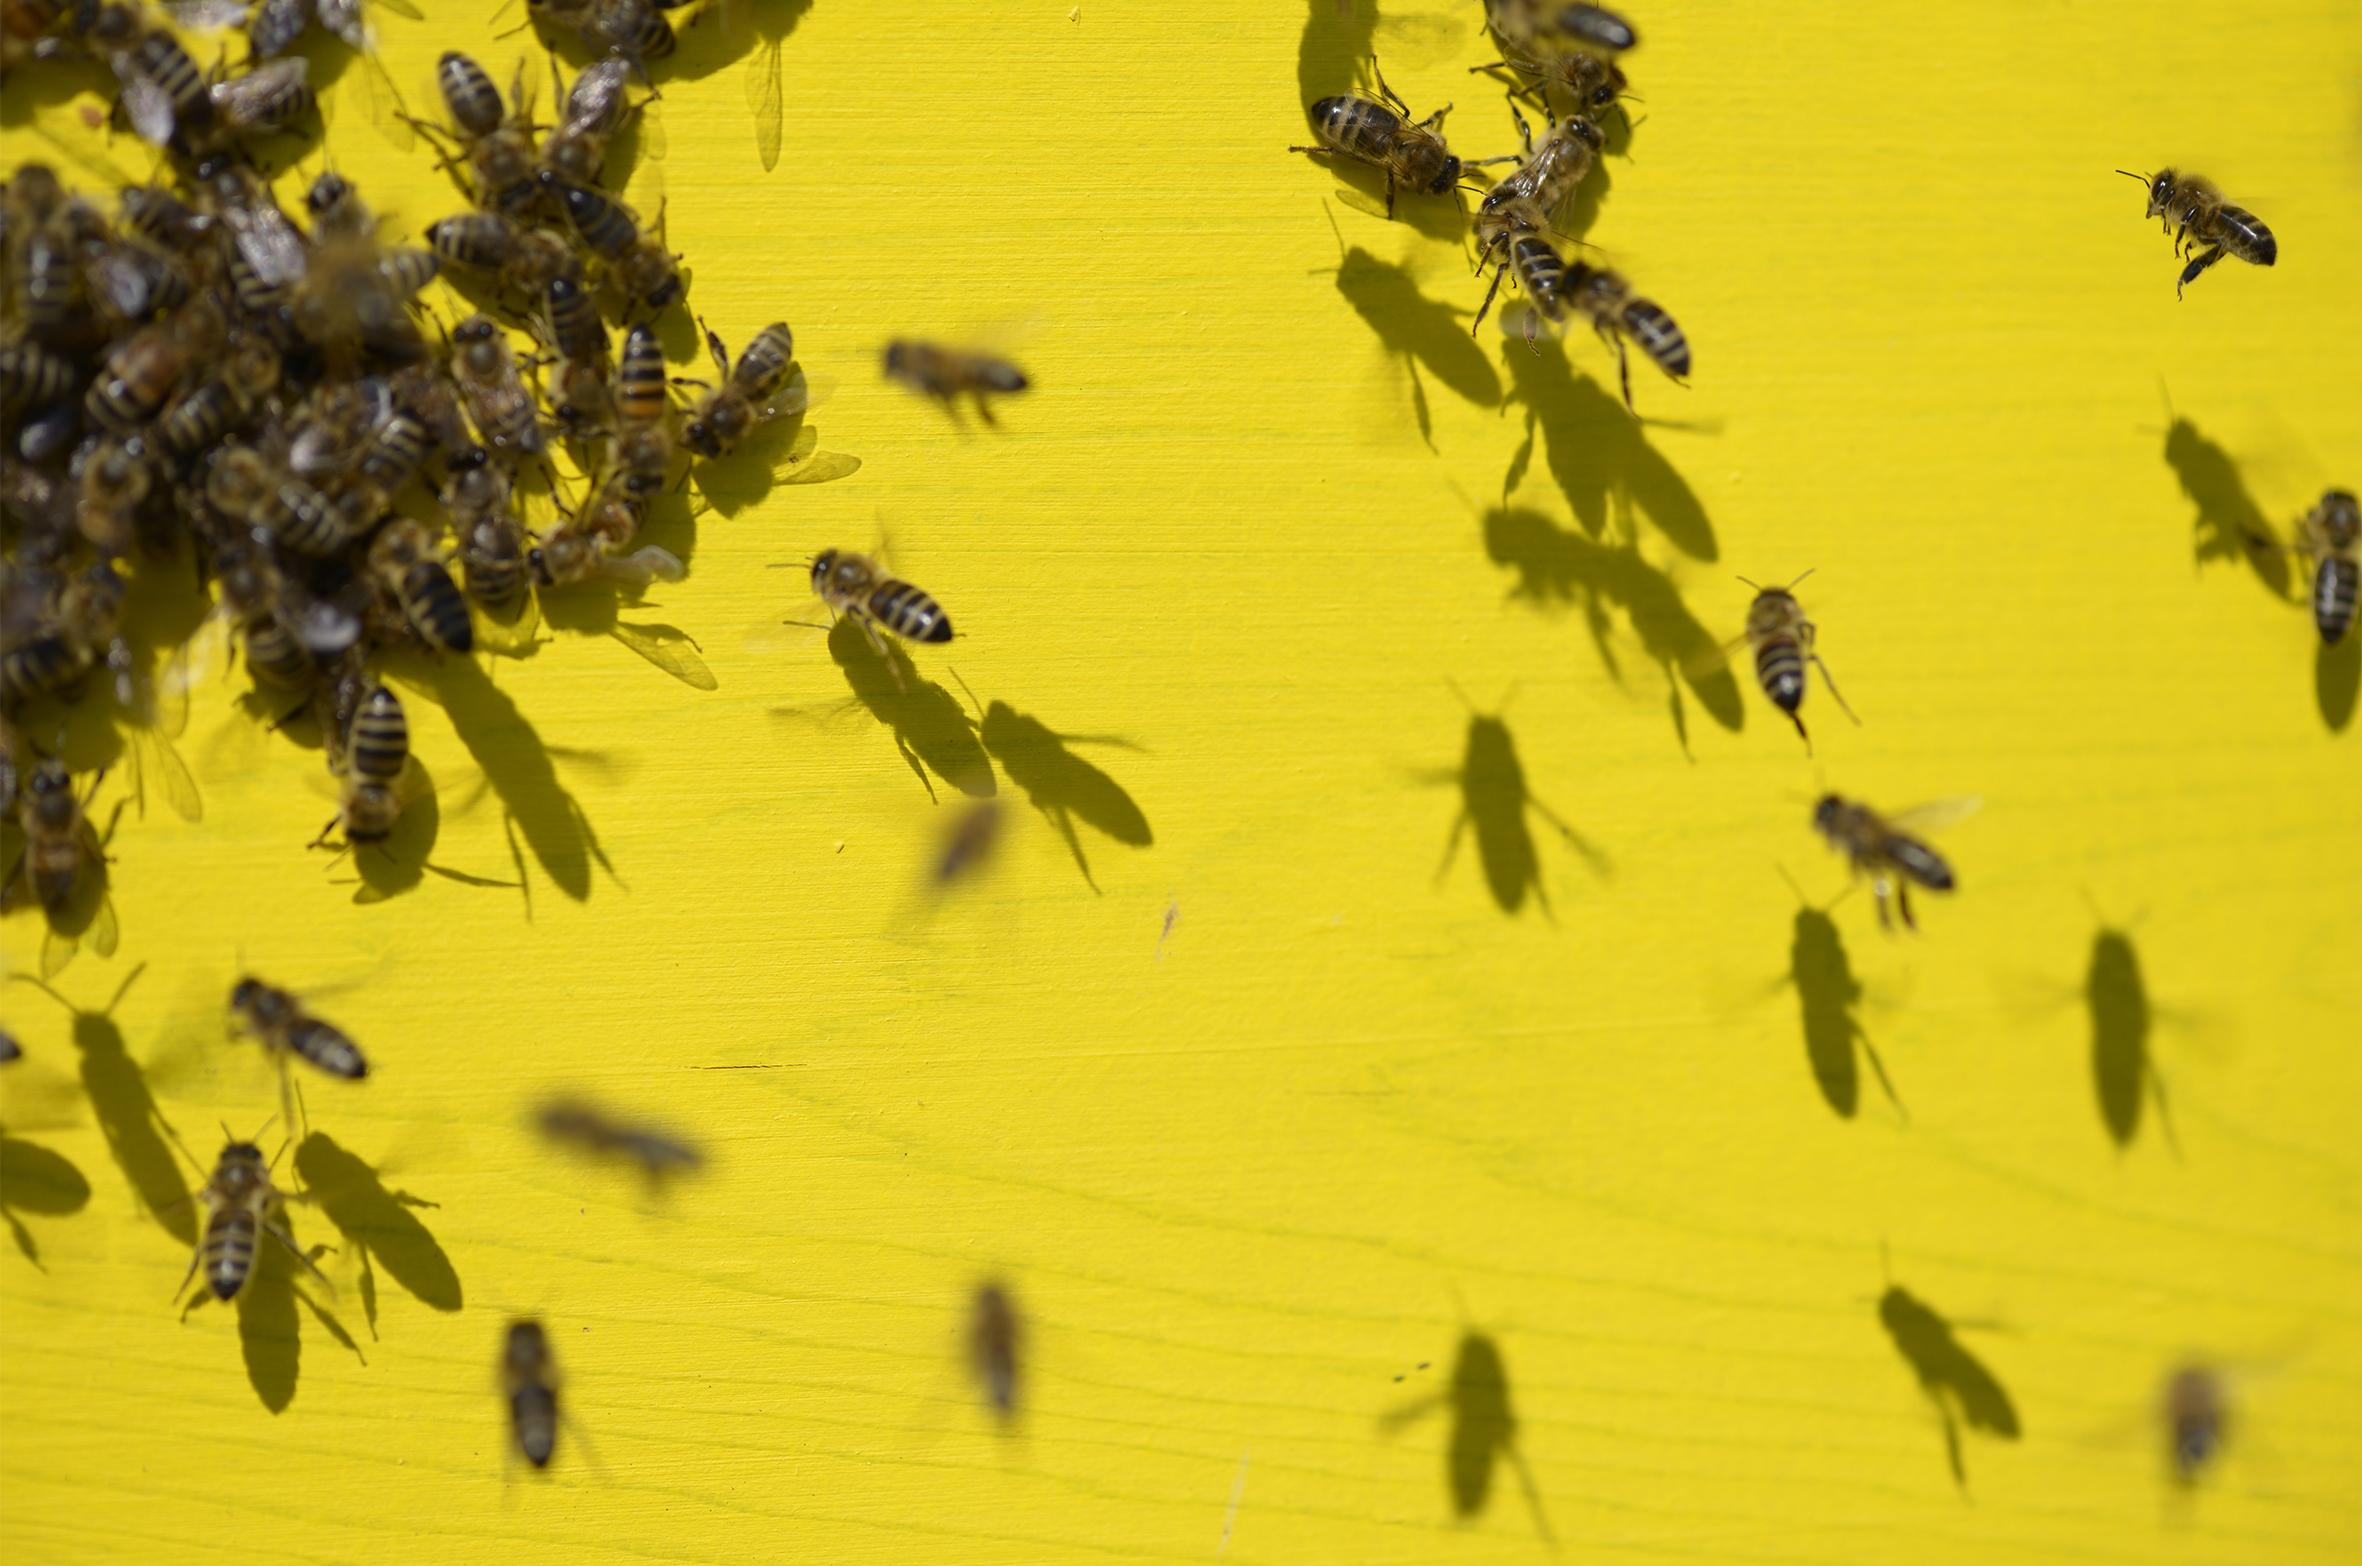 Le vol des abeilles